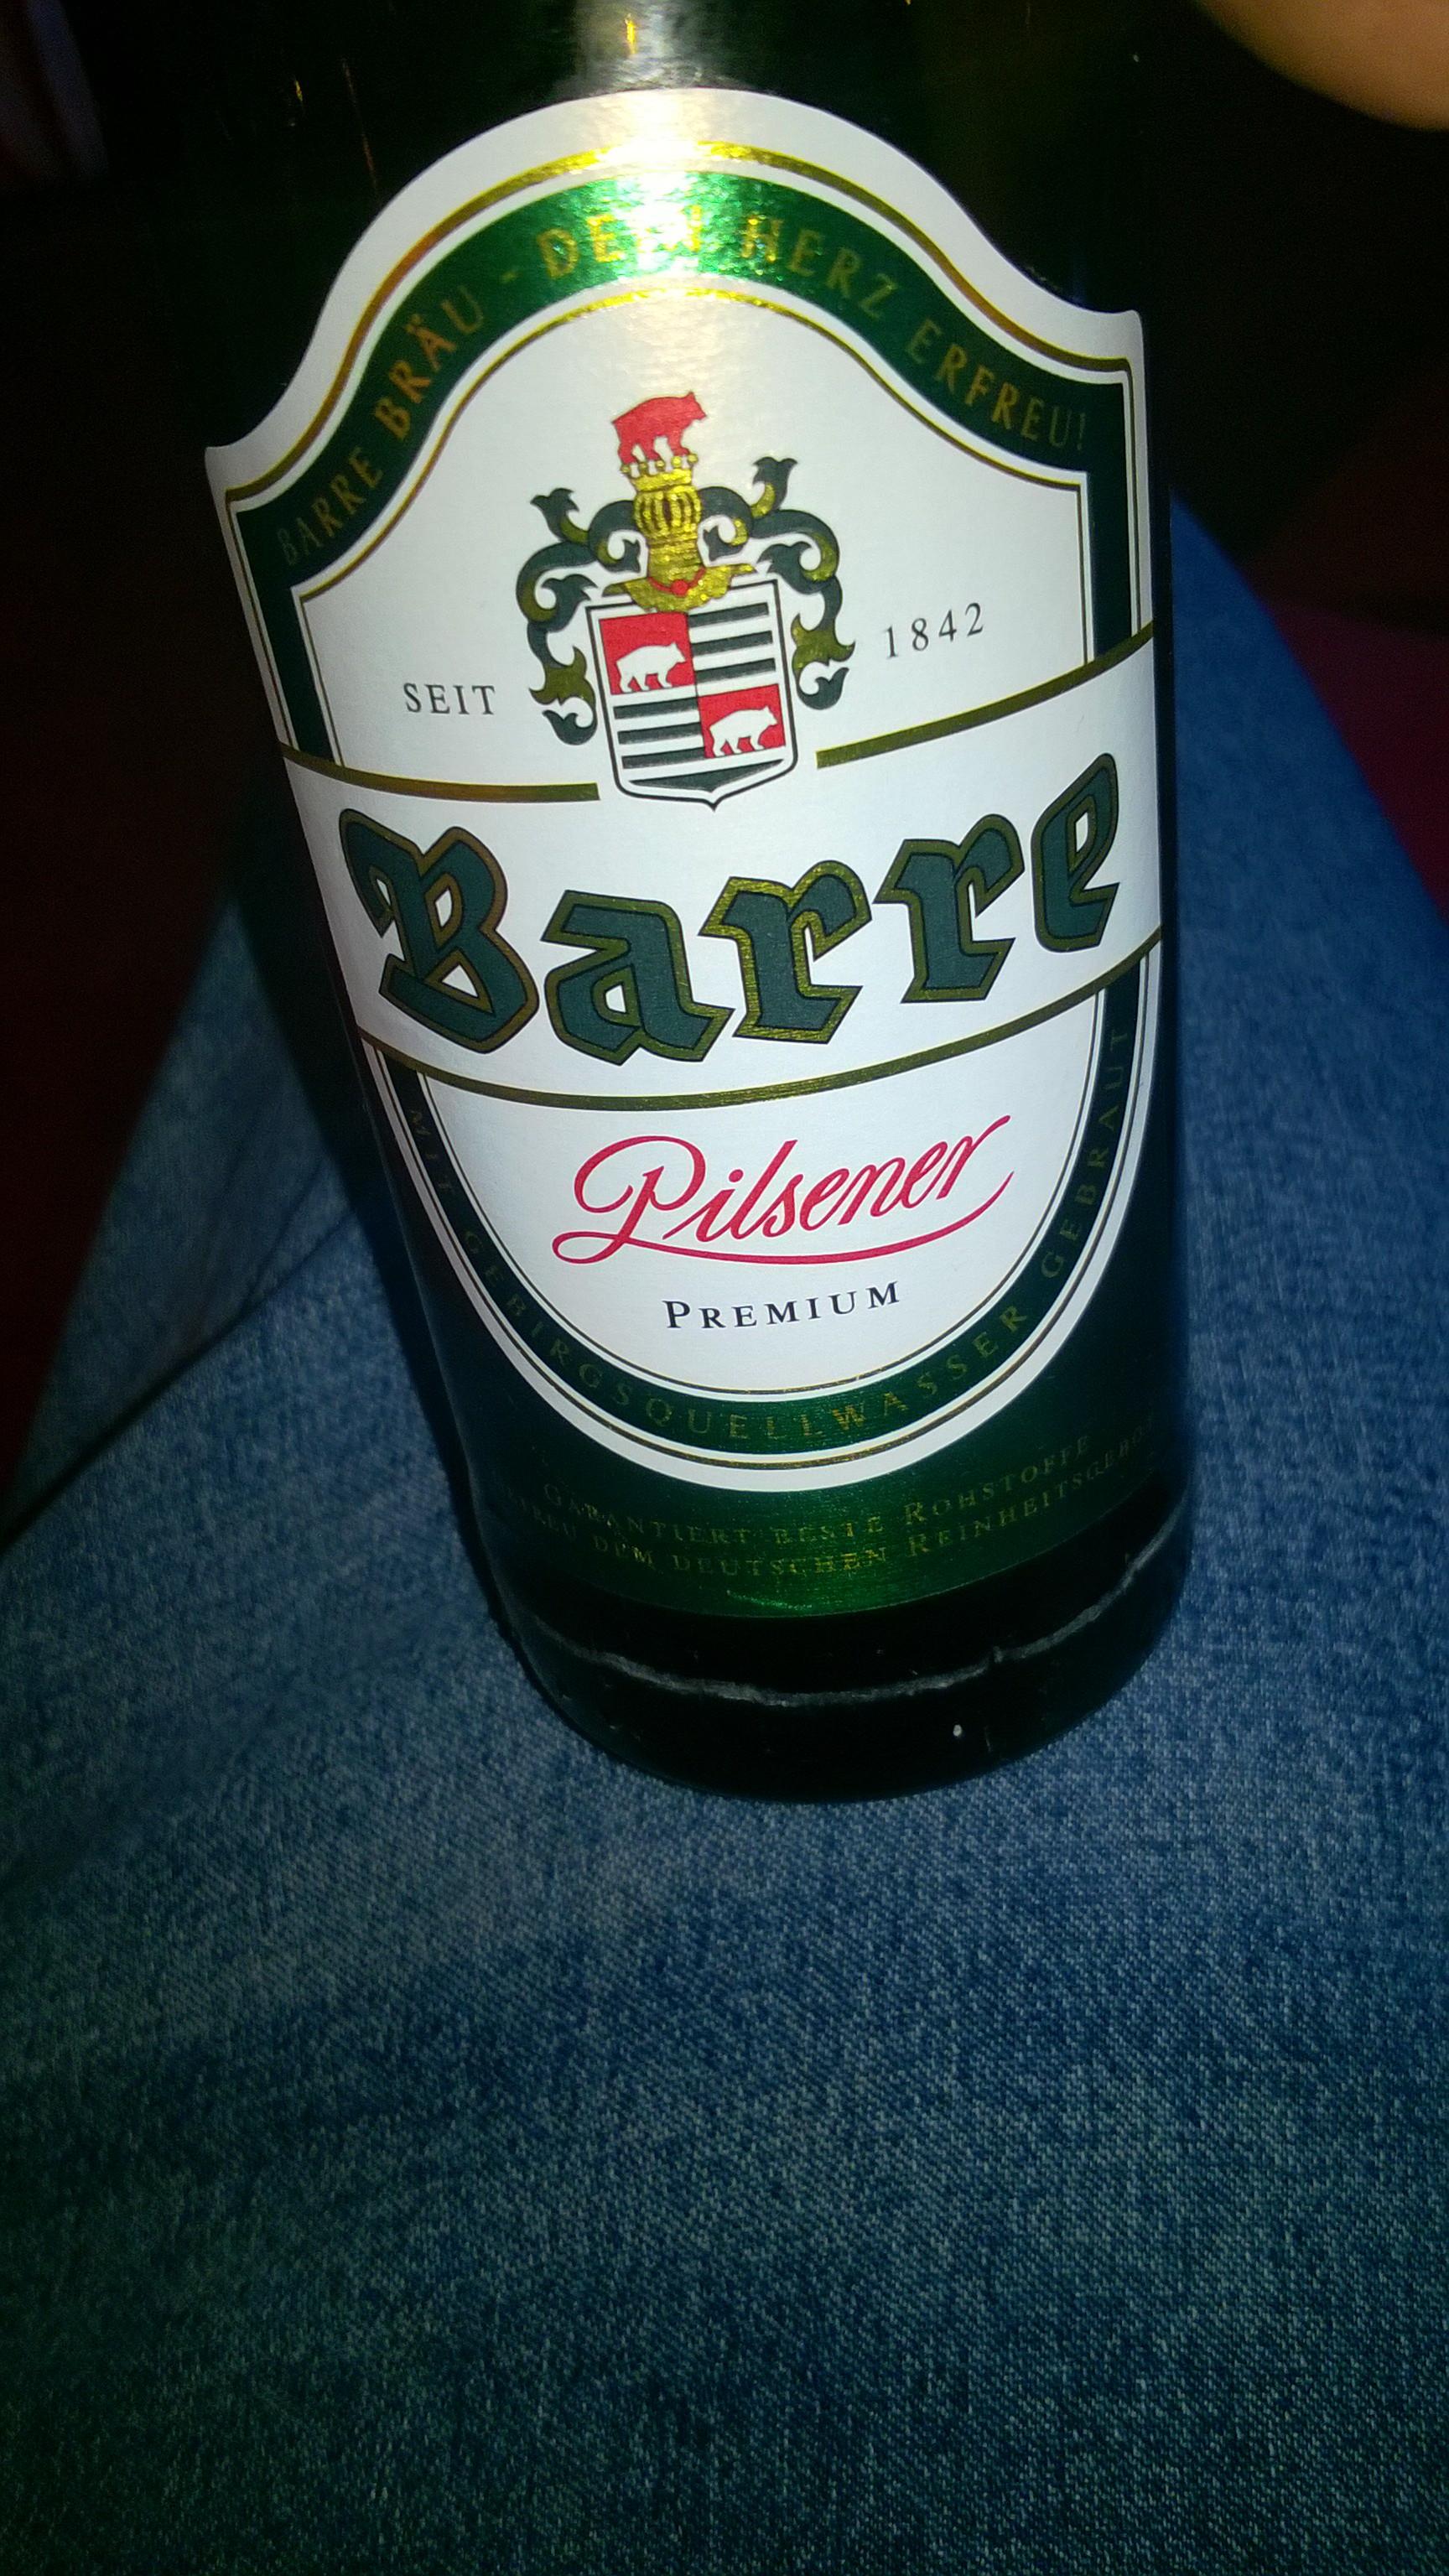 Ein Bier, zsswei Bier, mehr Bier